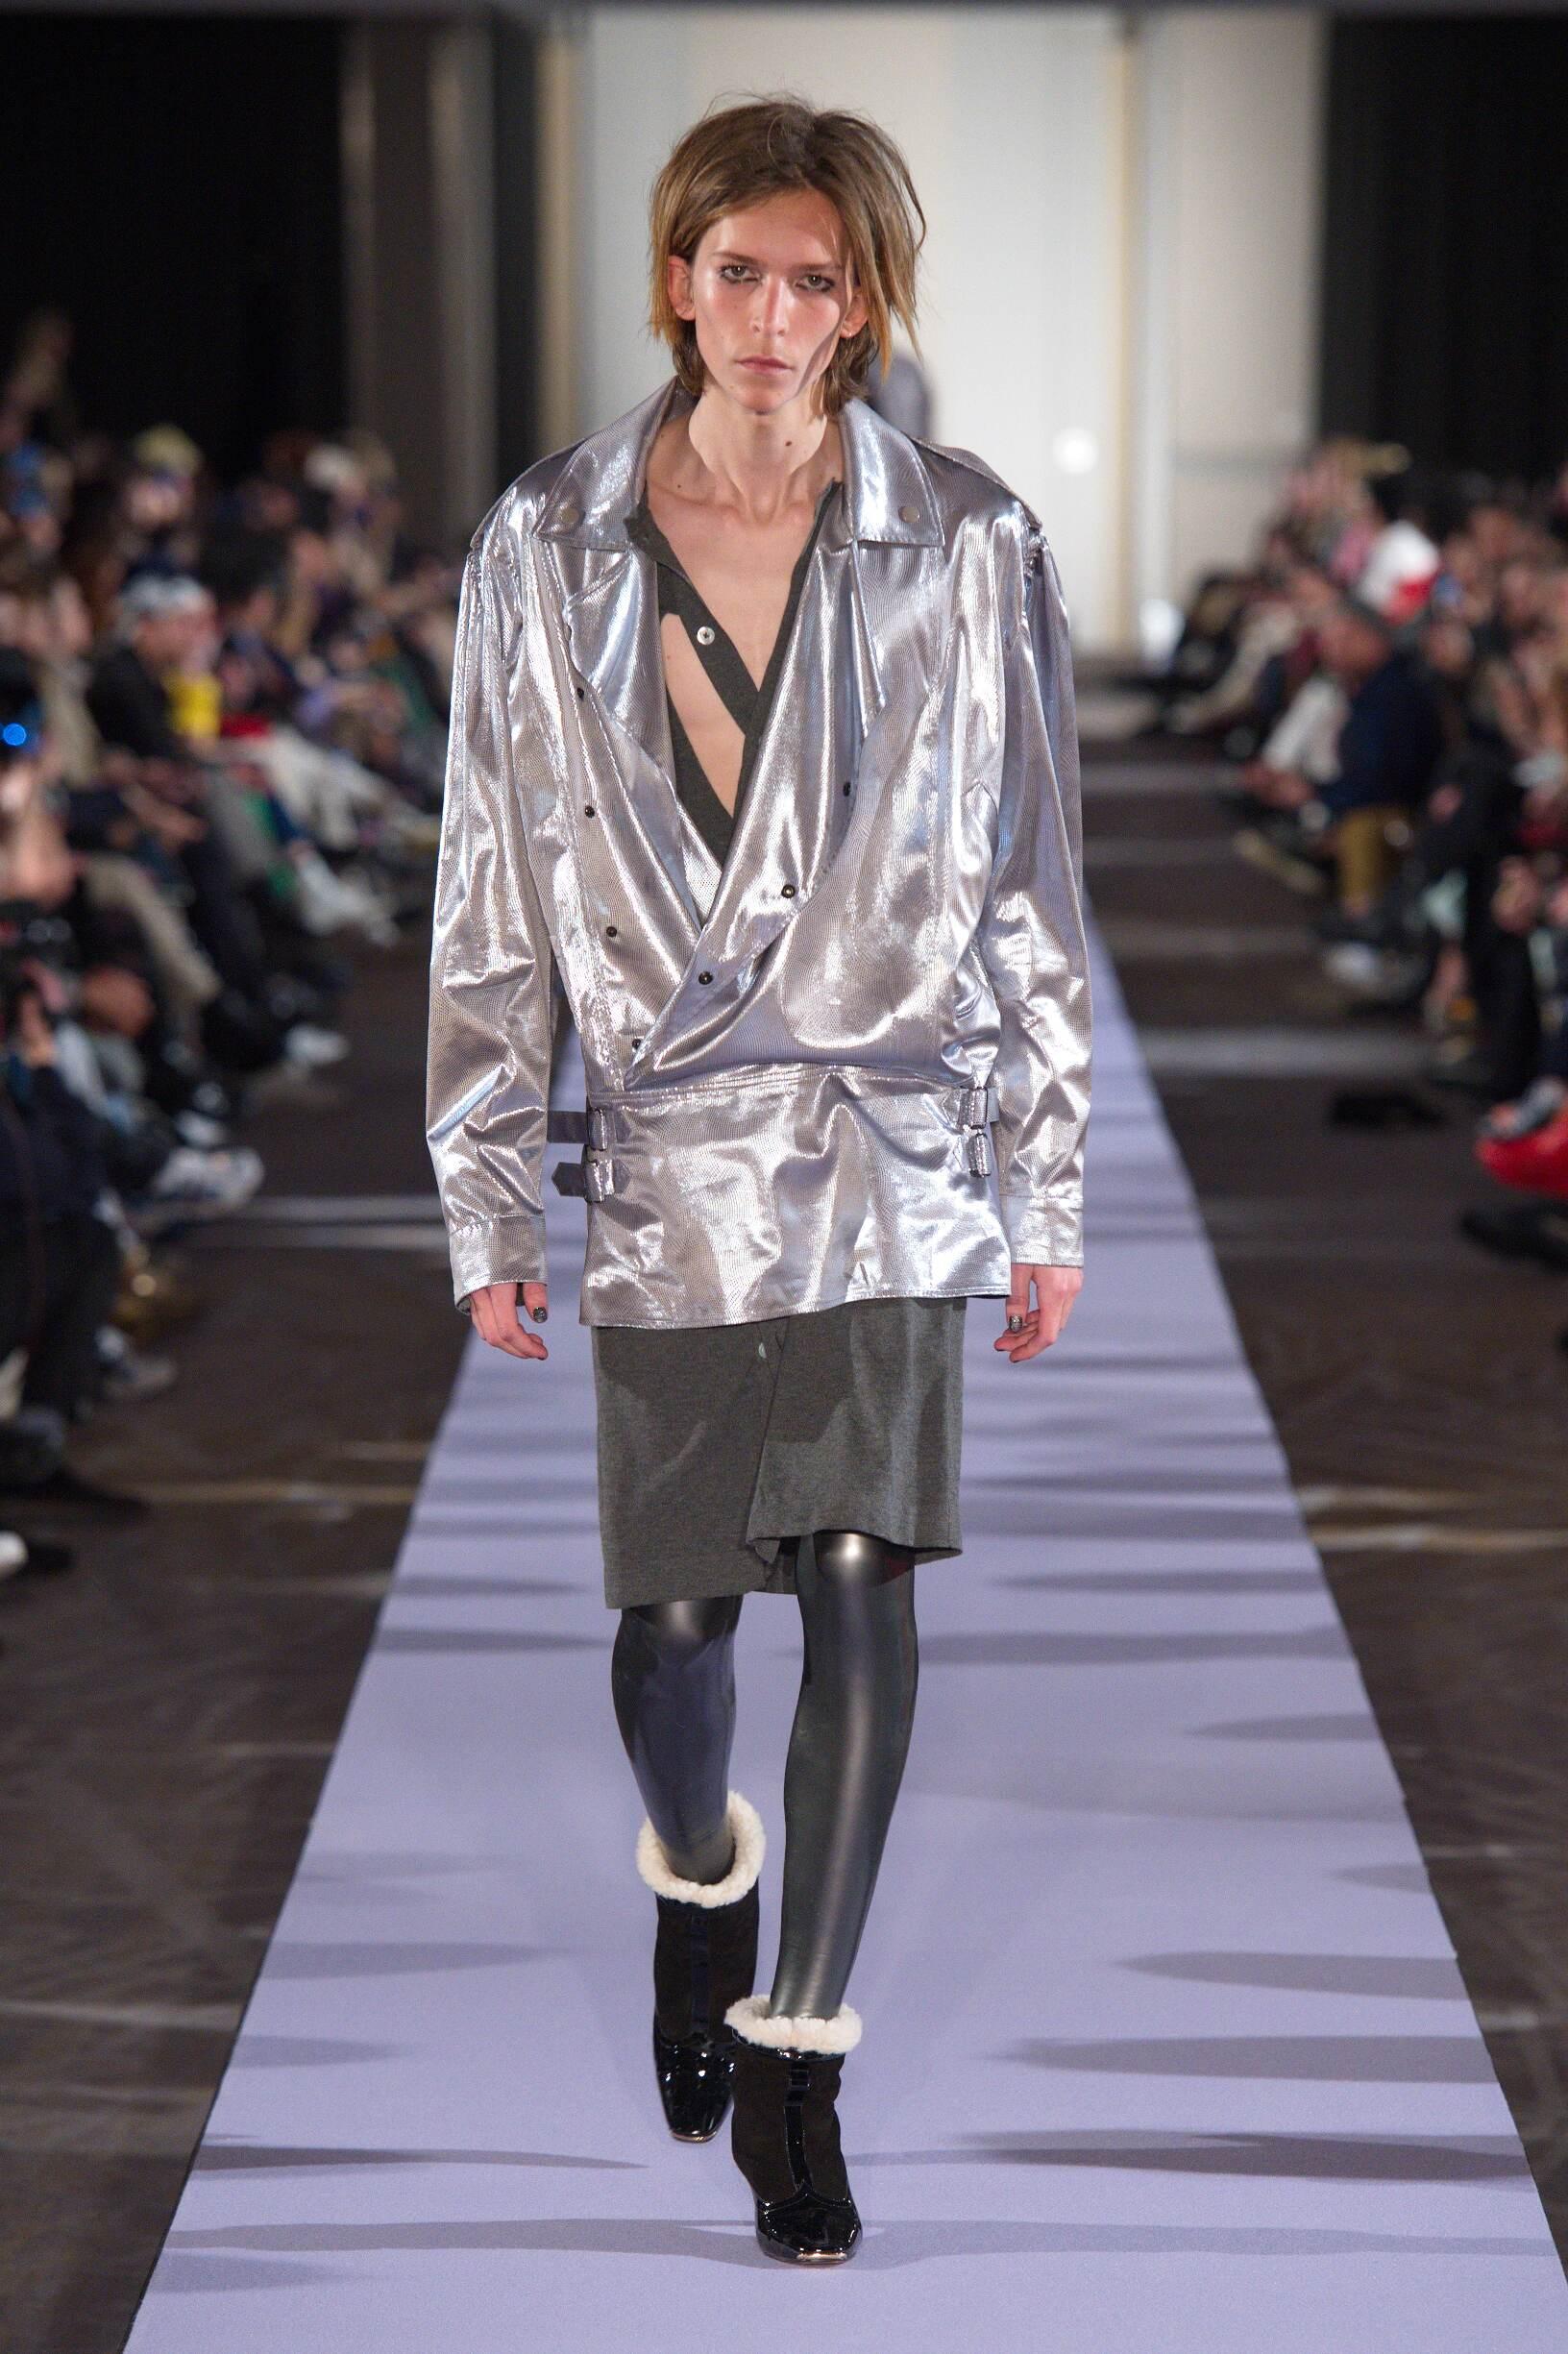 2019 Andreas Kronthaler for Vivienne Westwood Catwalk